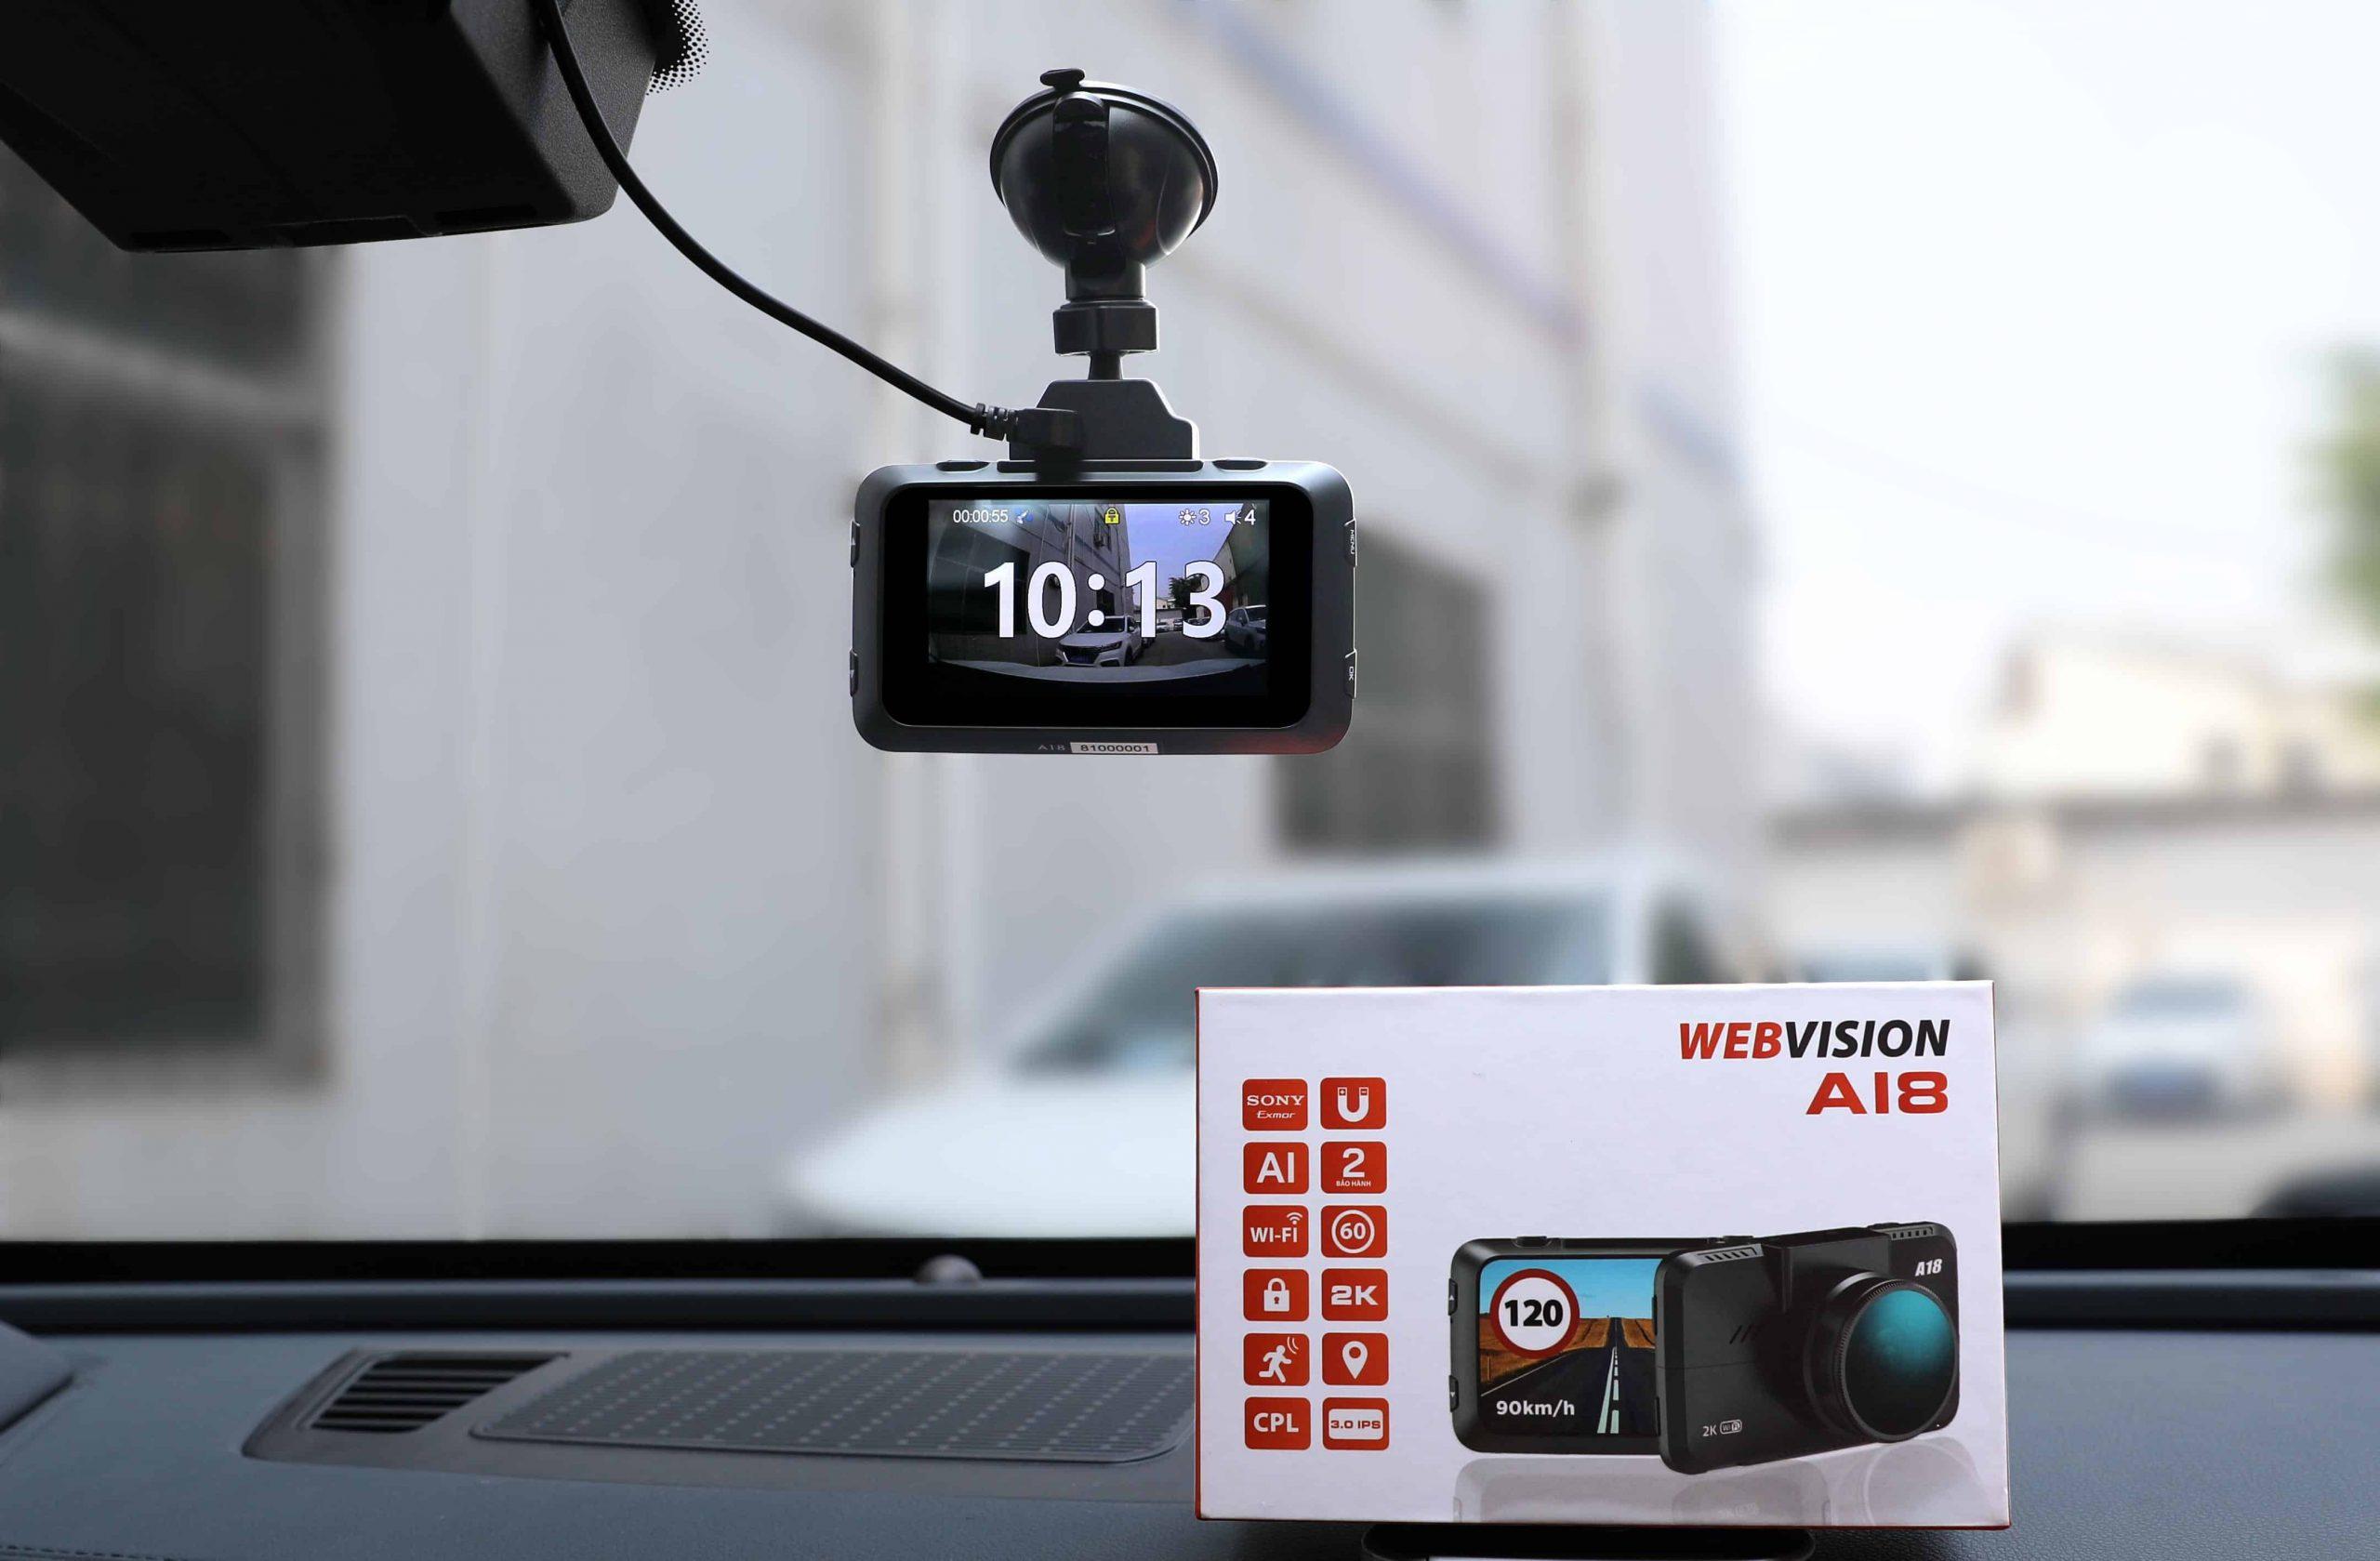 camera hành trình webvision a18 giá siêu tốt tại thành nam gps